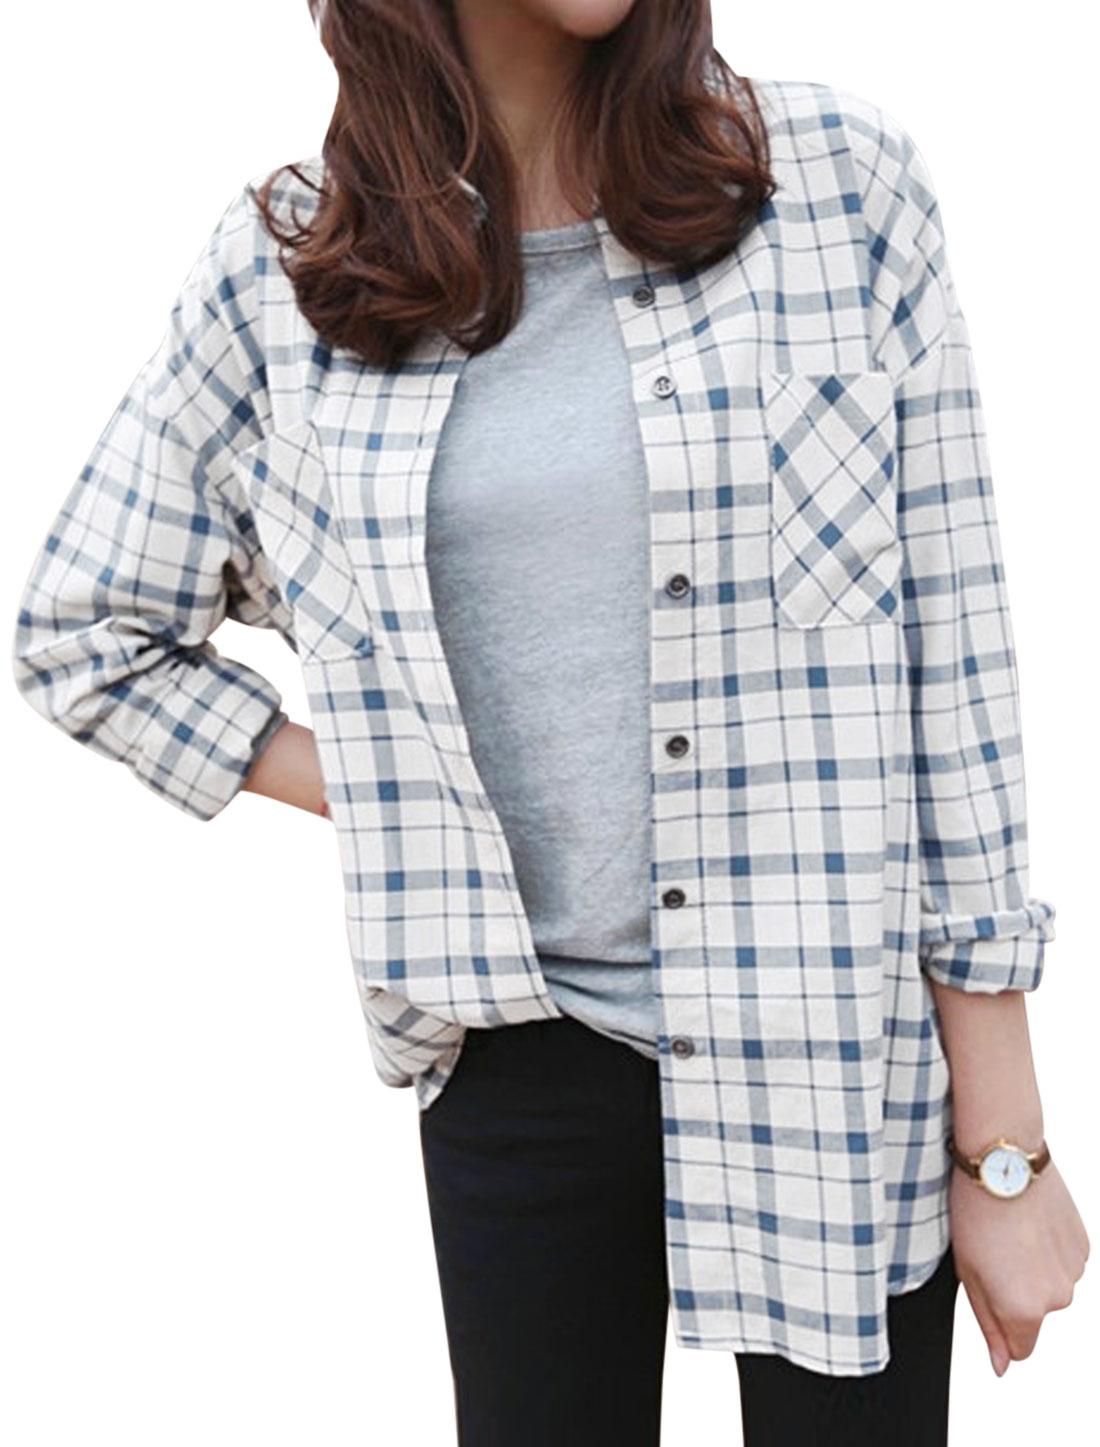 Women Plaids Pattern Single Breasted Tunic Shirt Navy Blue Off White XS